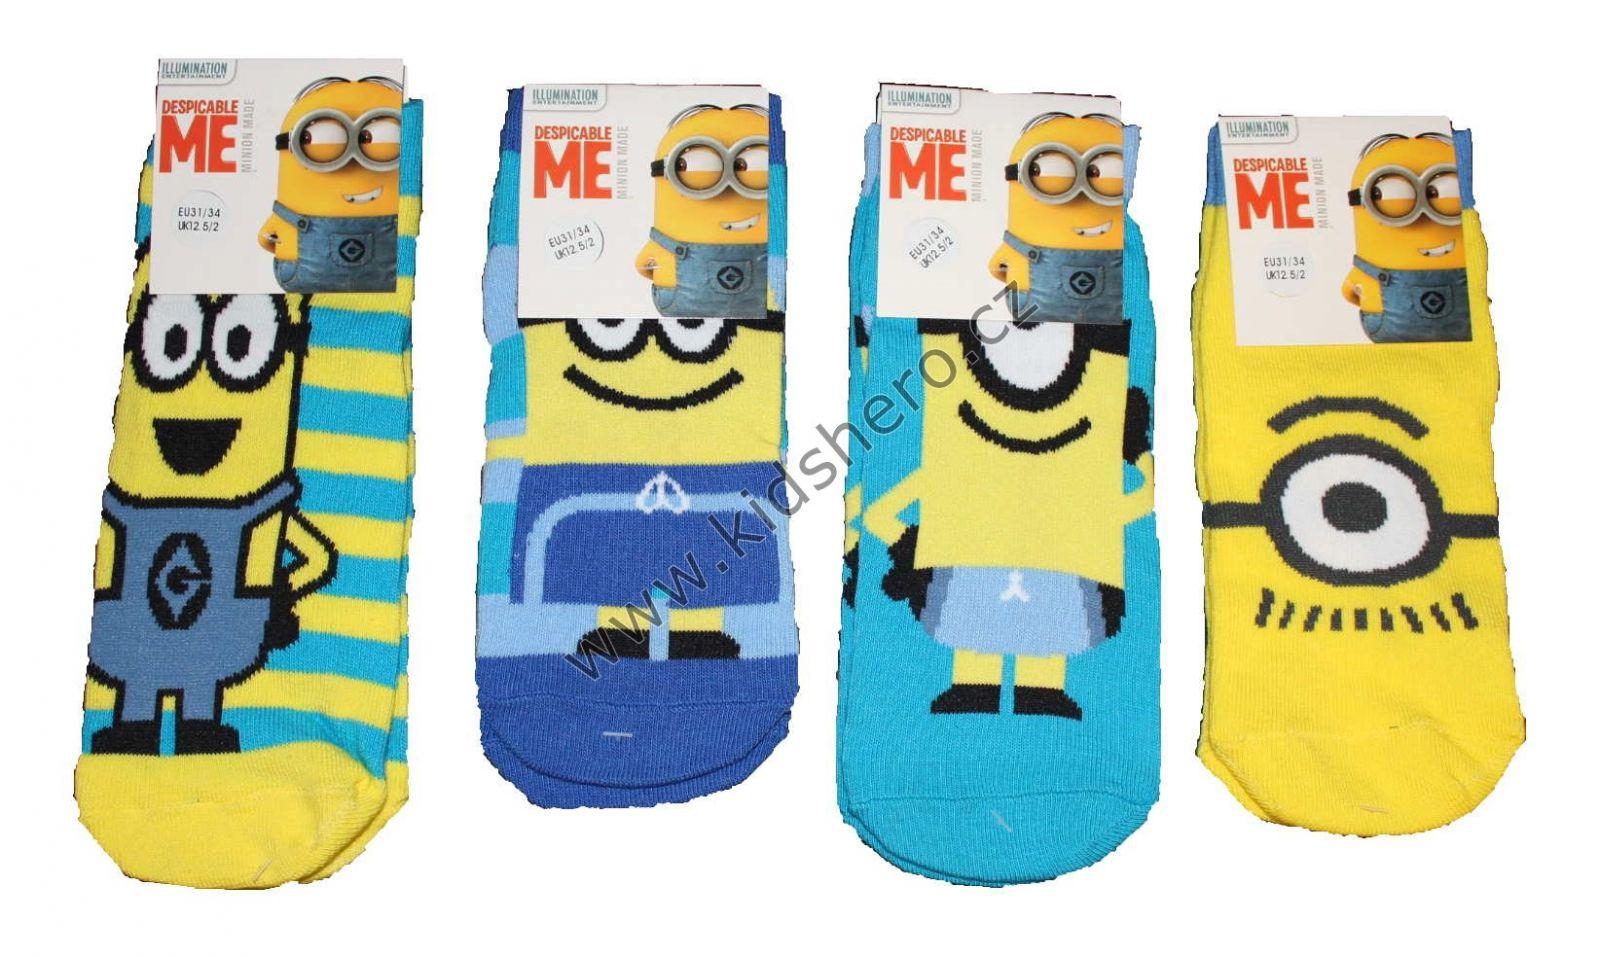 Dětské ponožky Mimoni chlapecké dívčí Despicable Me